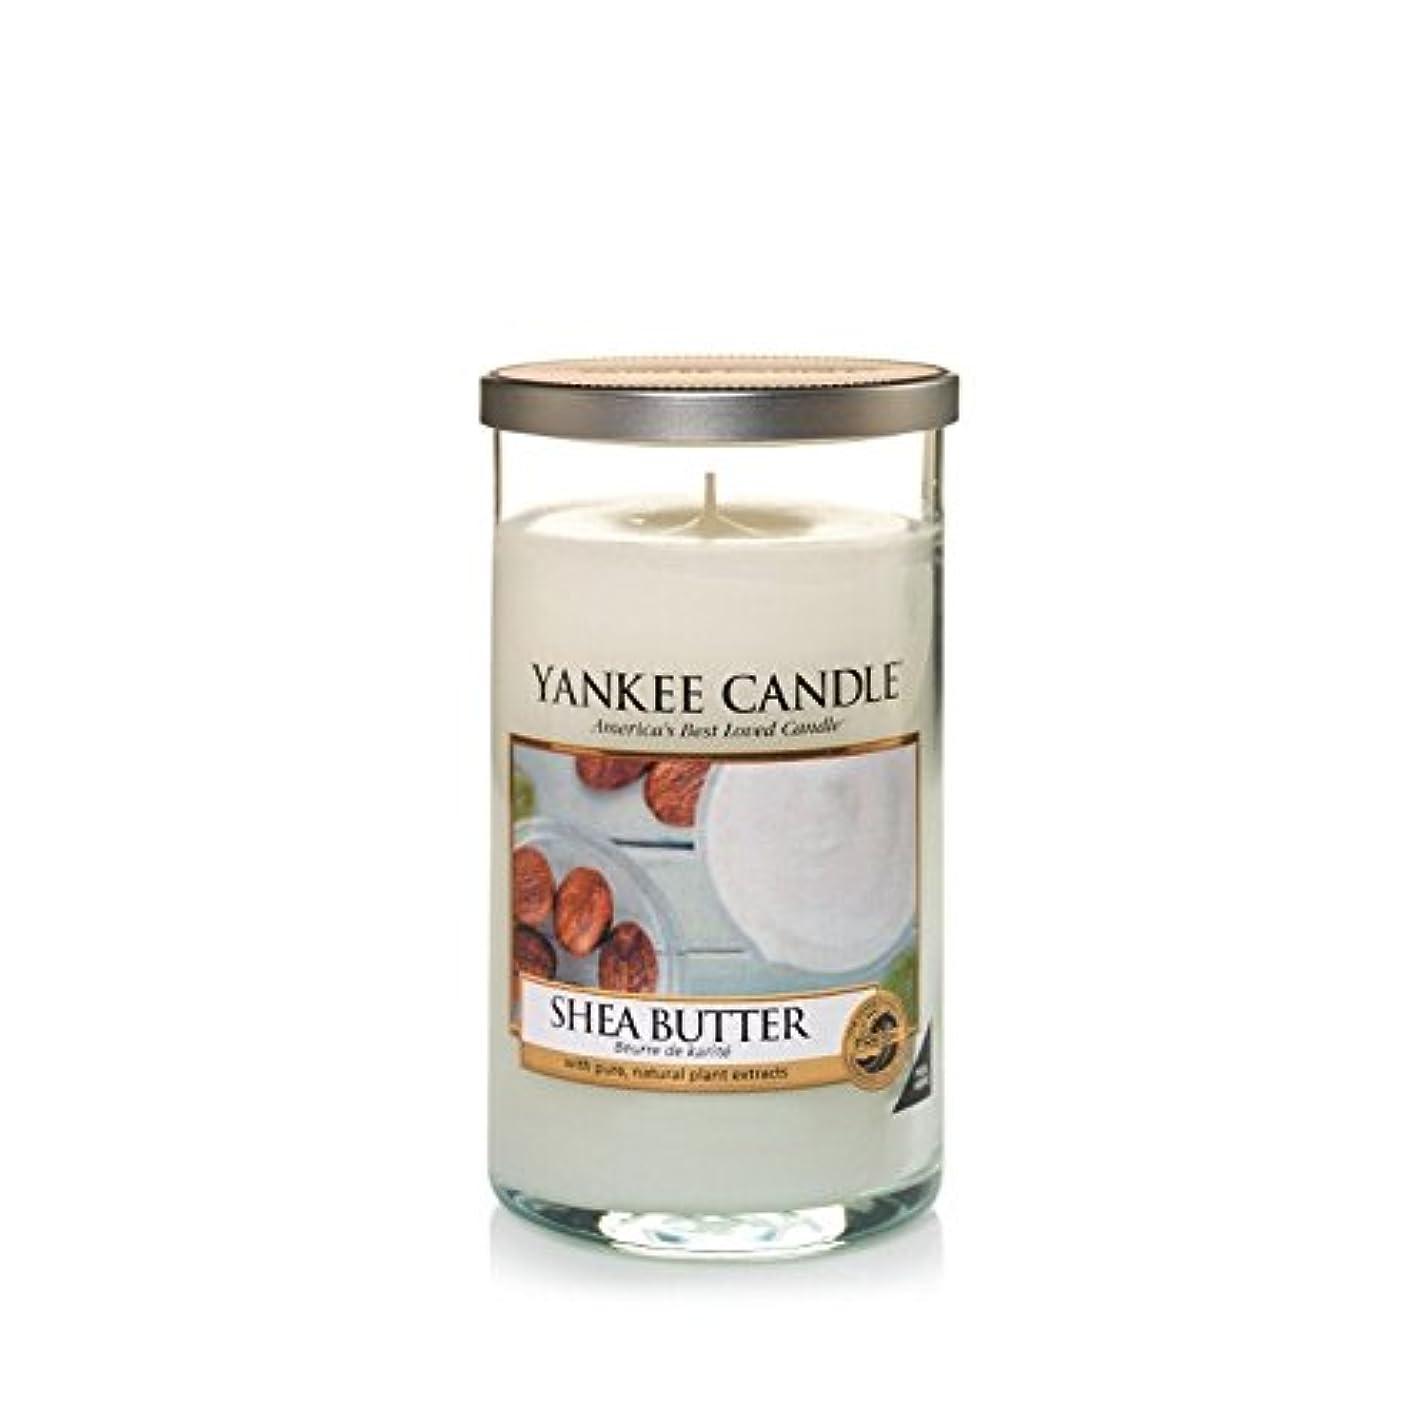 適合する気になる霧Yankee Candles Medium Pillar Candle - Shea Butter (Pack of 6) - ヤンキーキャンドルメディアピラーキャンドル - シアバター (x6) [並行輸入品]